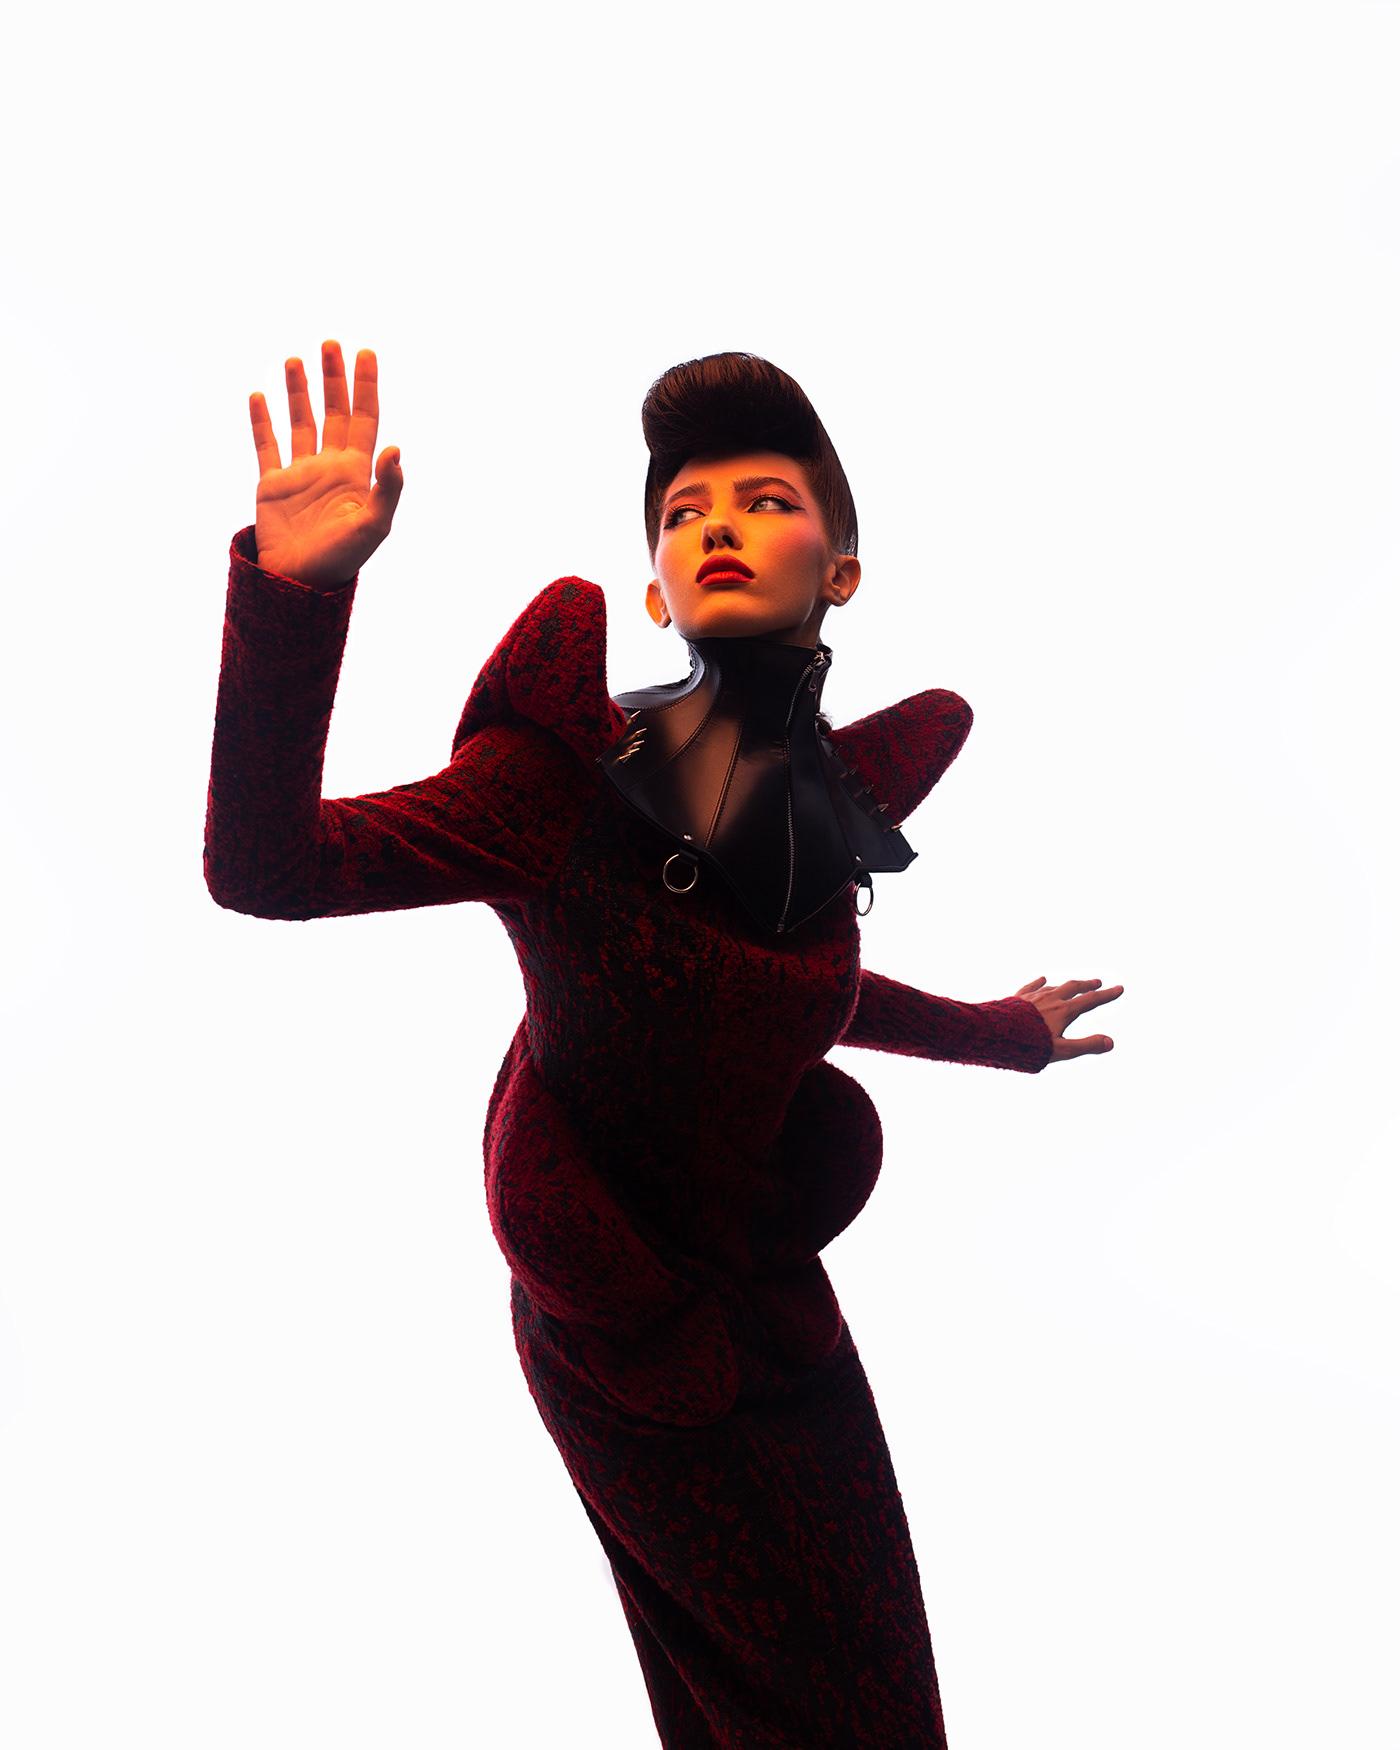 cover editorial fashion photography future futuristic magazine portrait red Studio Photography